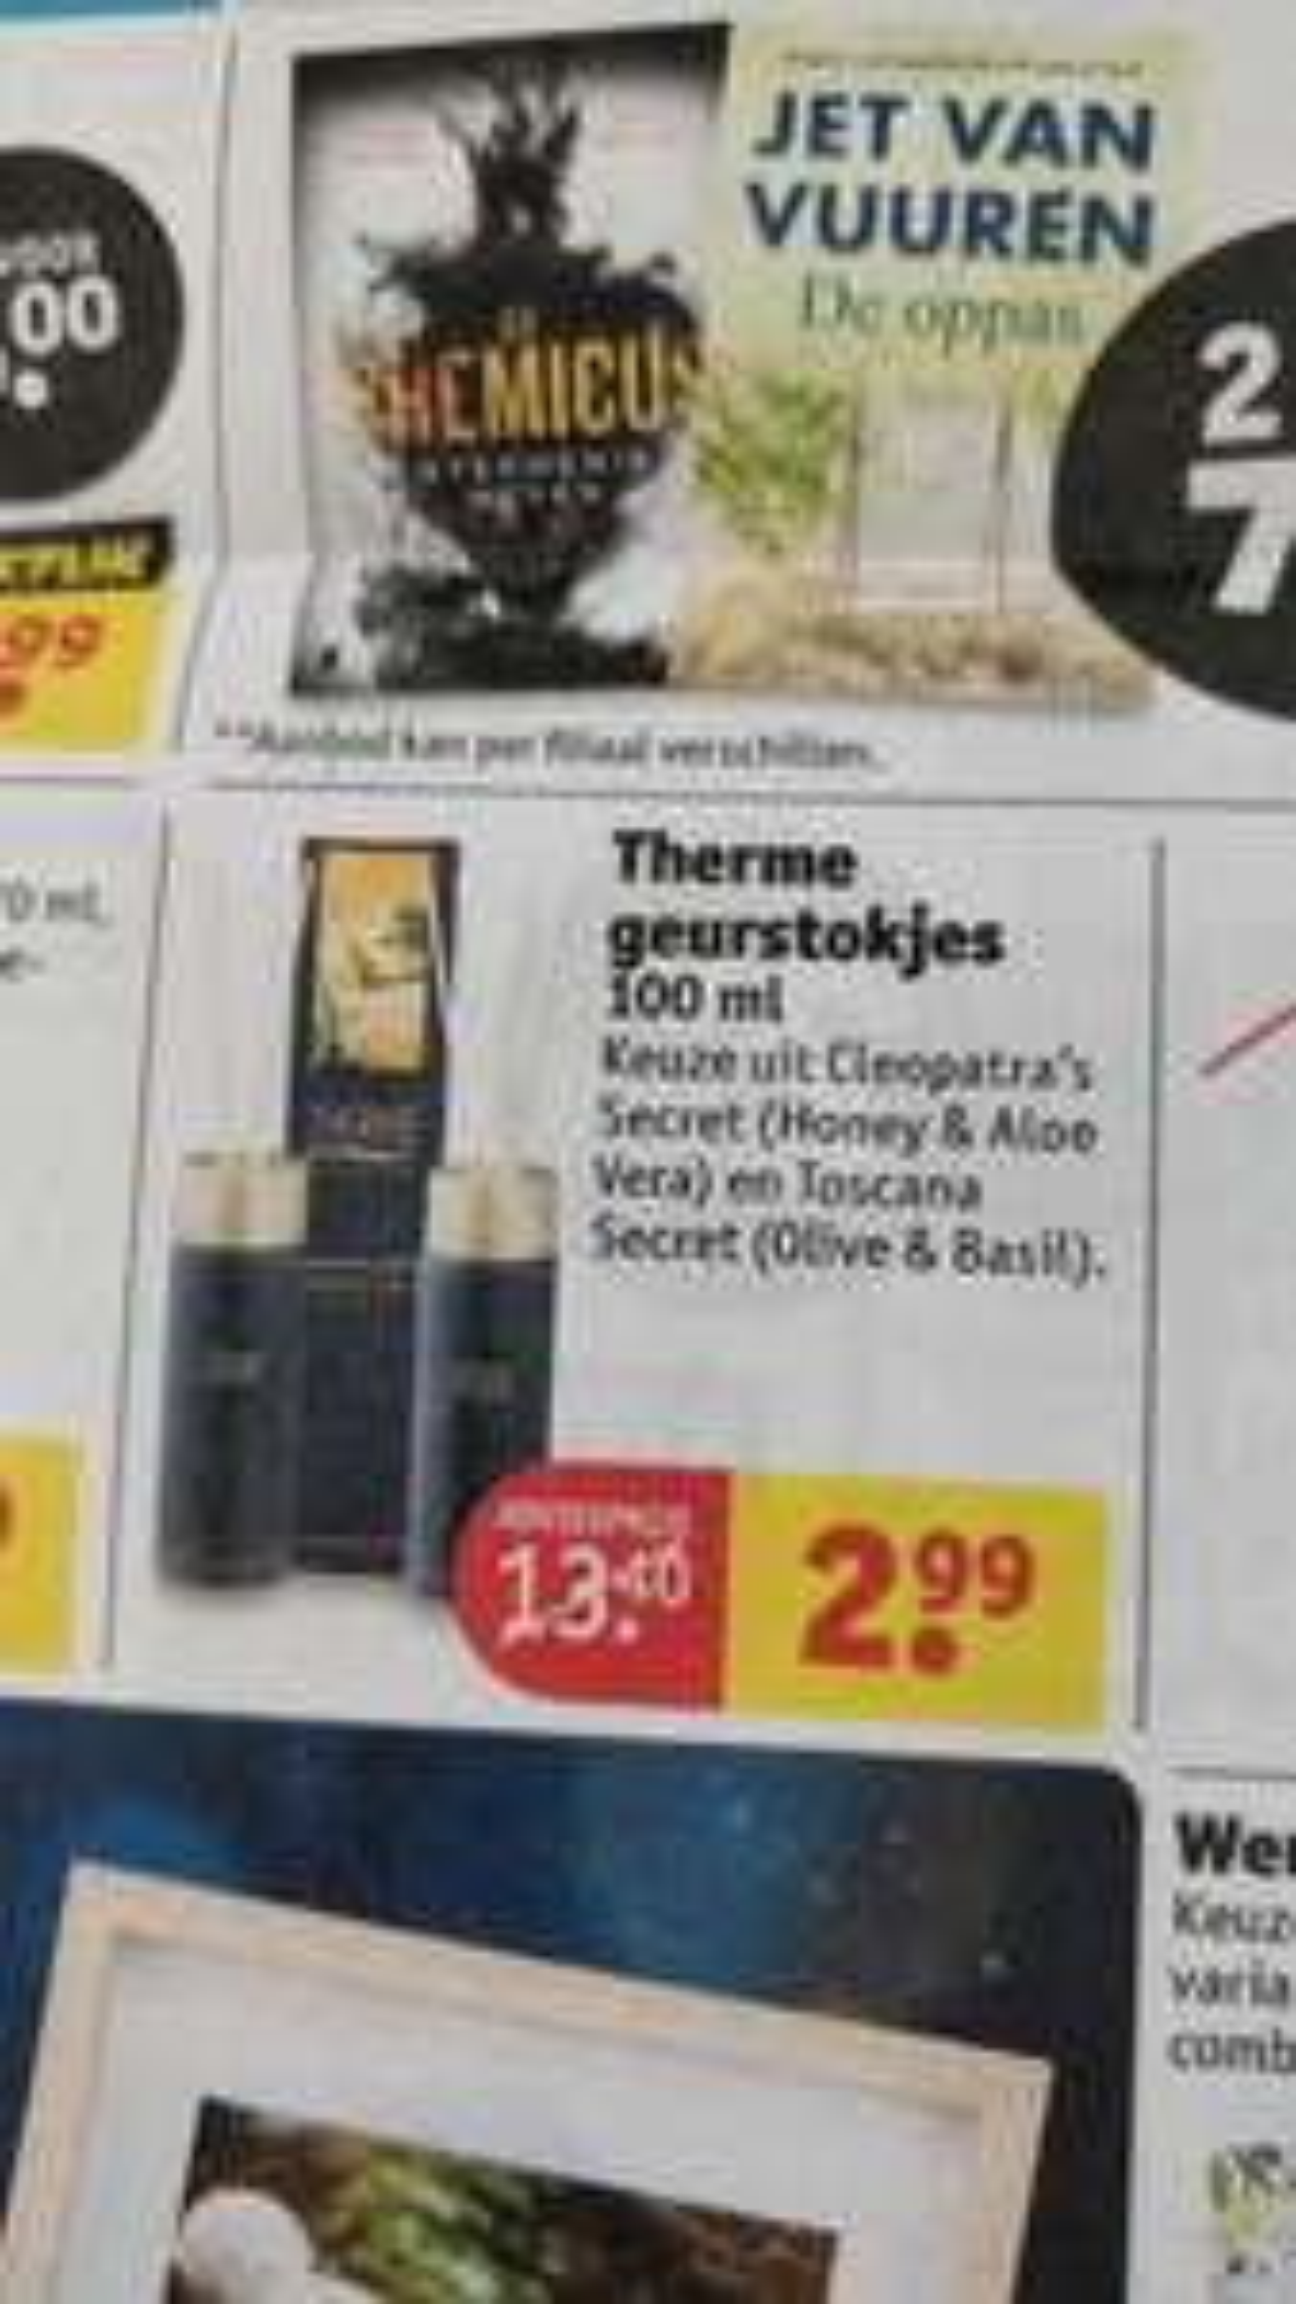 Therme geurstokjes €2,99 @Kruidvat